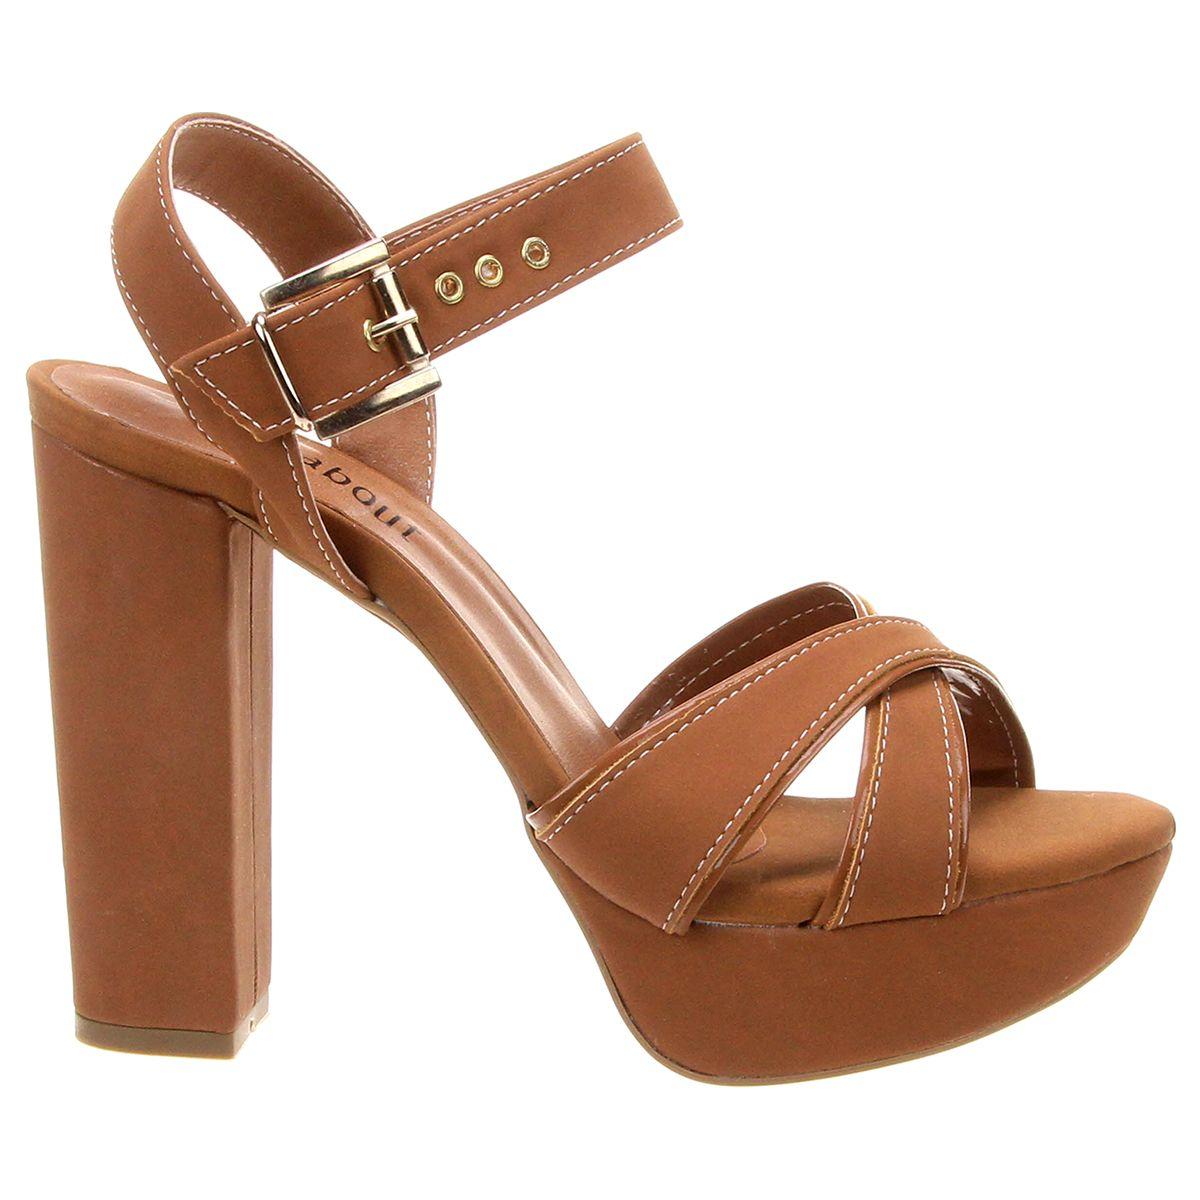 e78797449 Compre Sandália Walkabout Meia Pata Caramelo na Zattini a nova loja de moda  online da Netshoes. Encontre Sapatos, Sandálias, Bolsas e Acessórios.